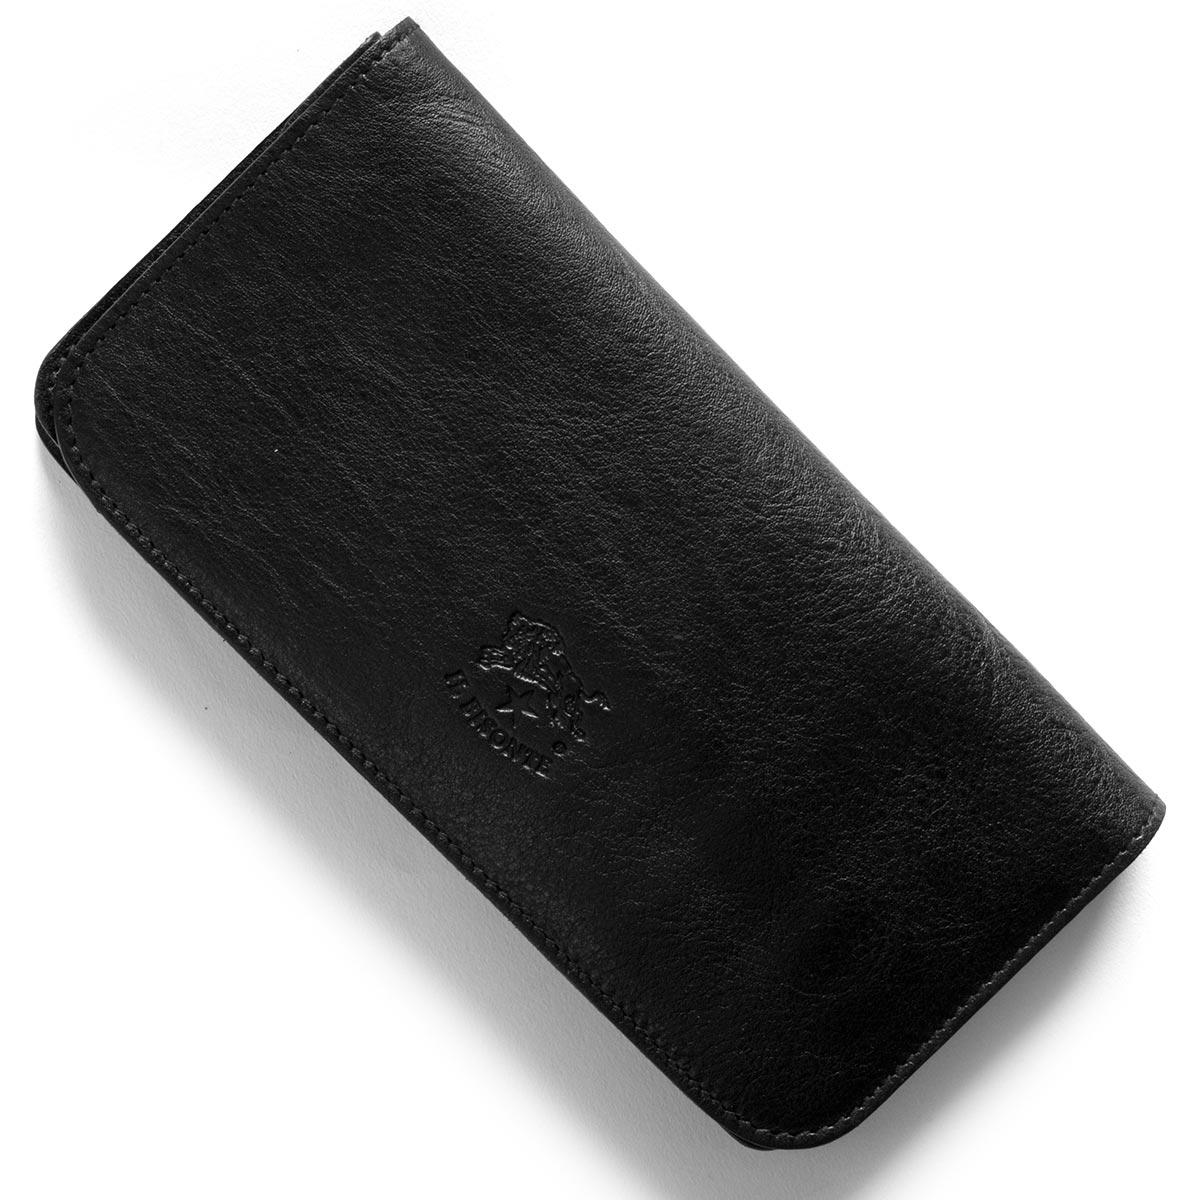 イルビゾンテ 長財布 財布 メンズ レディース スタンダード STANDARD ブラック C0985 P 153 IL BISONTE